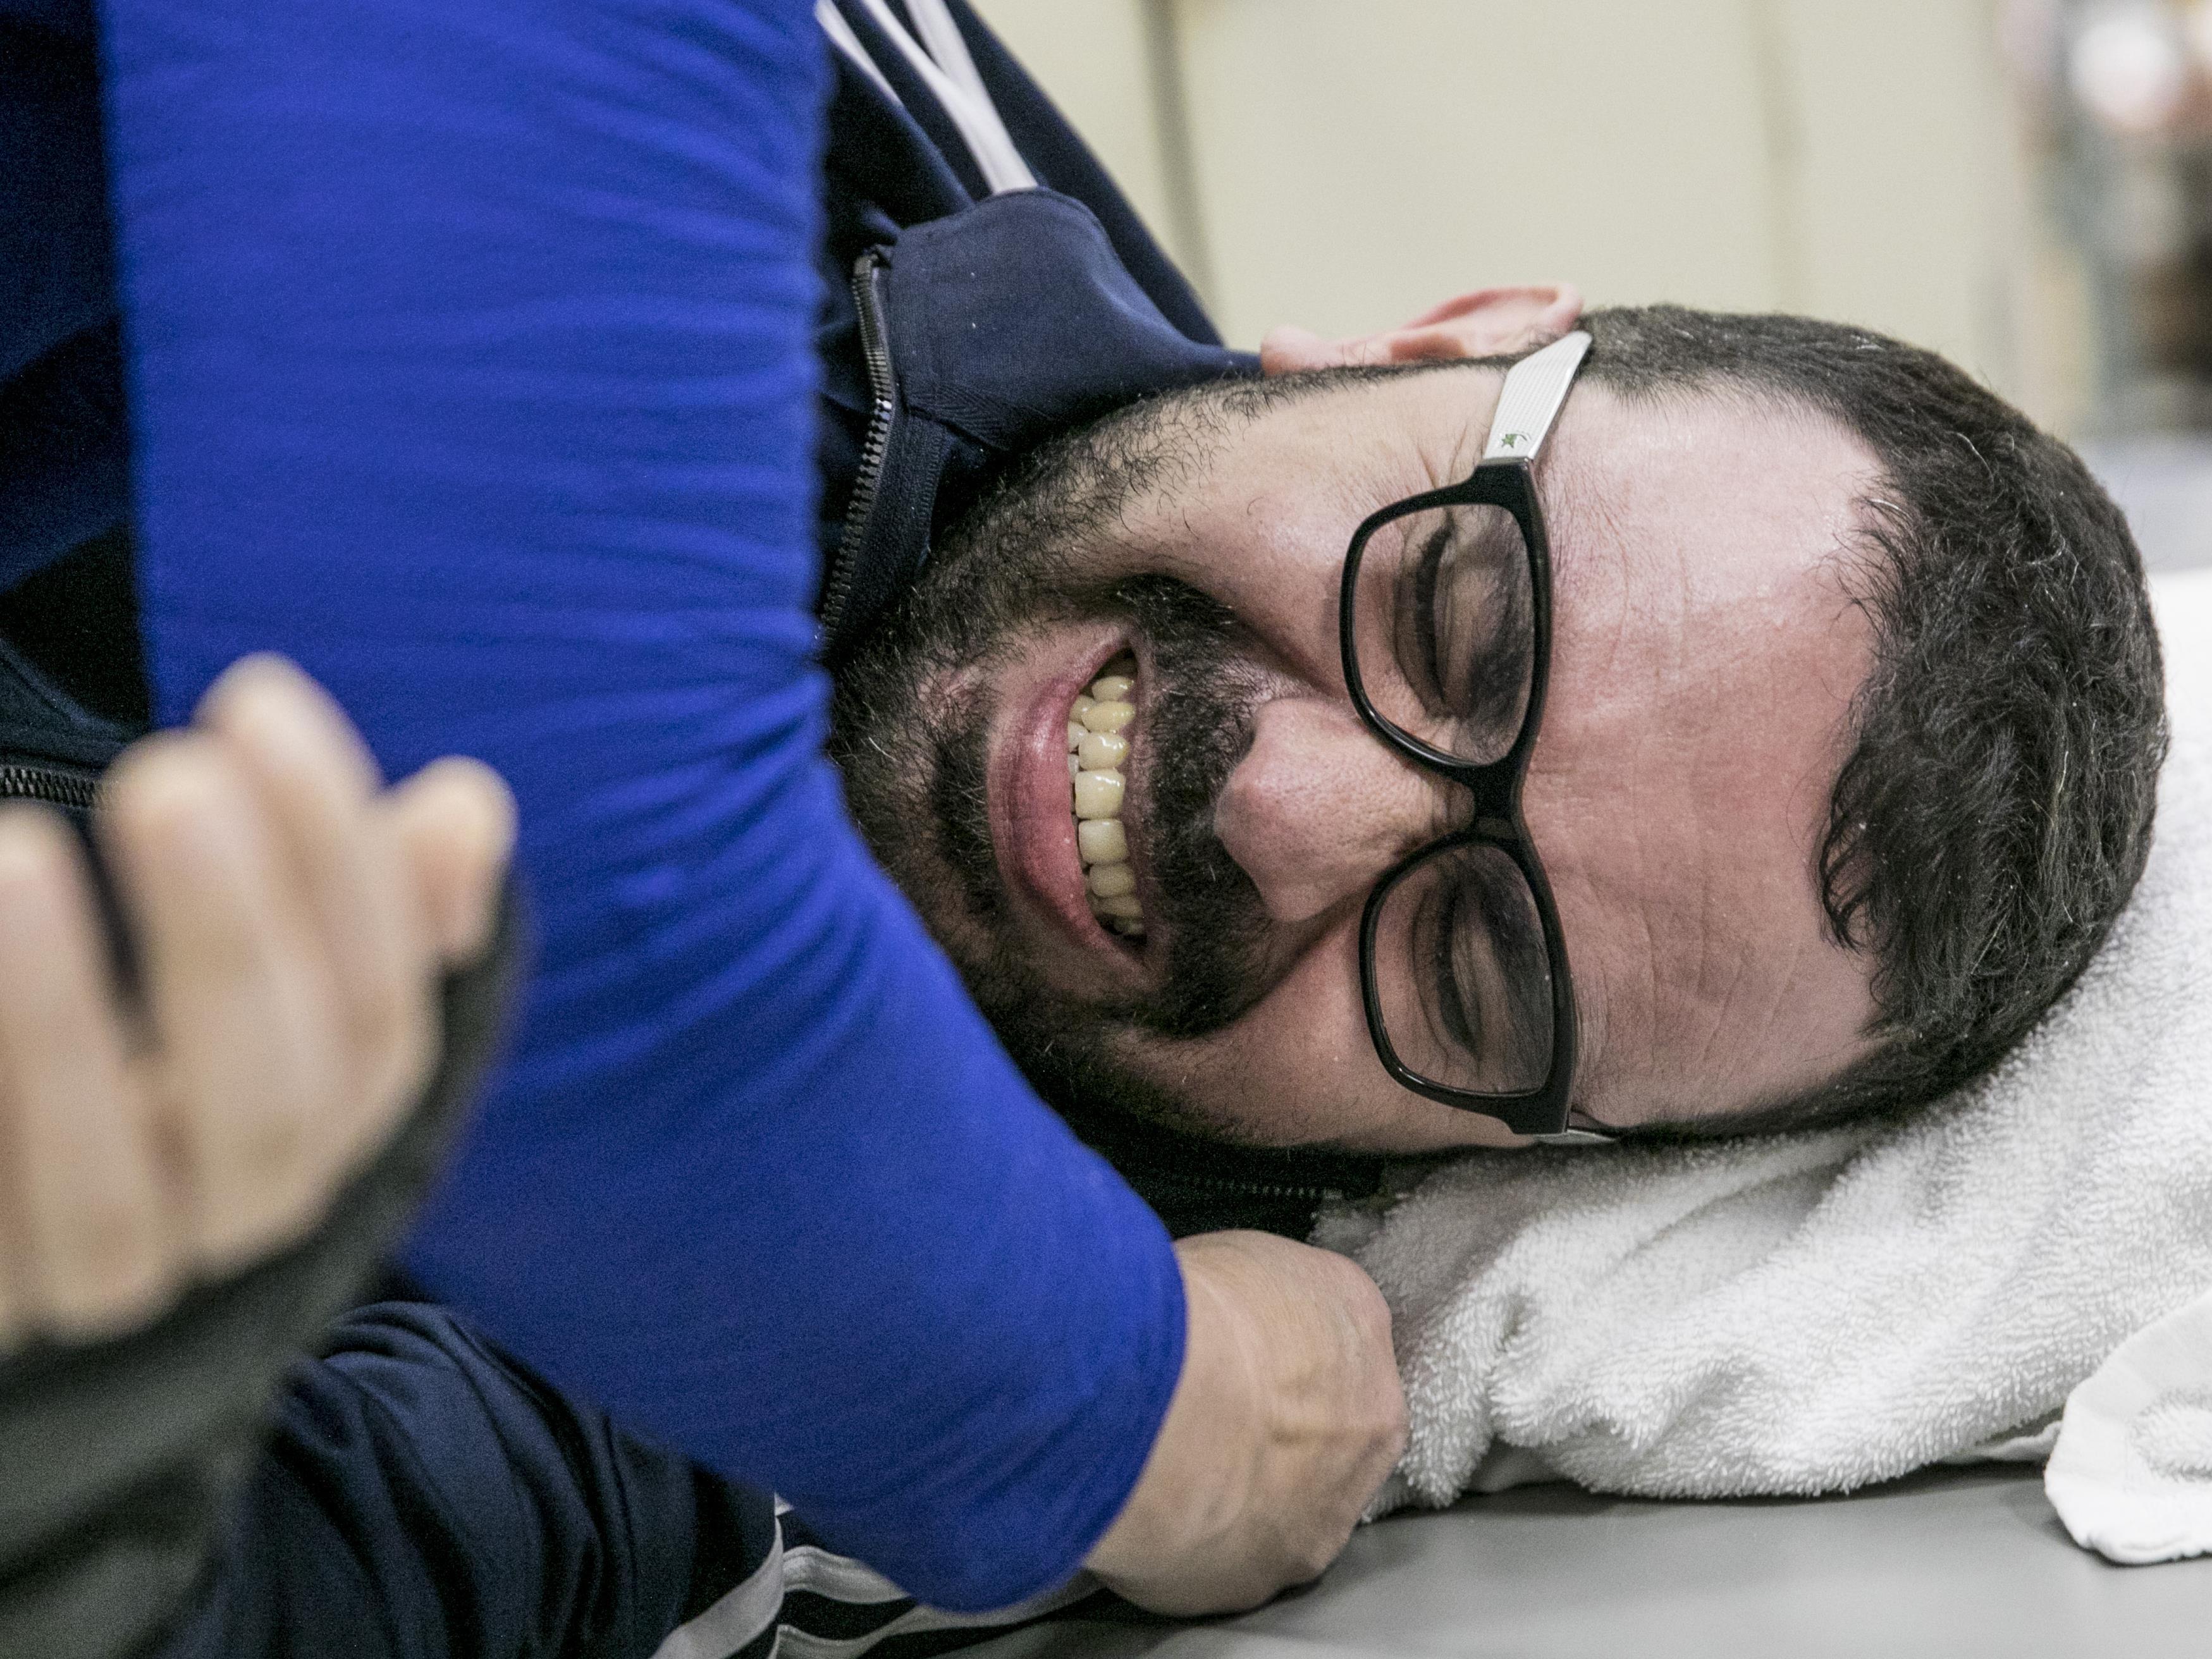 Aymen Derbali souffre d'intenses douleurs à la suite de ses blessures.